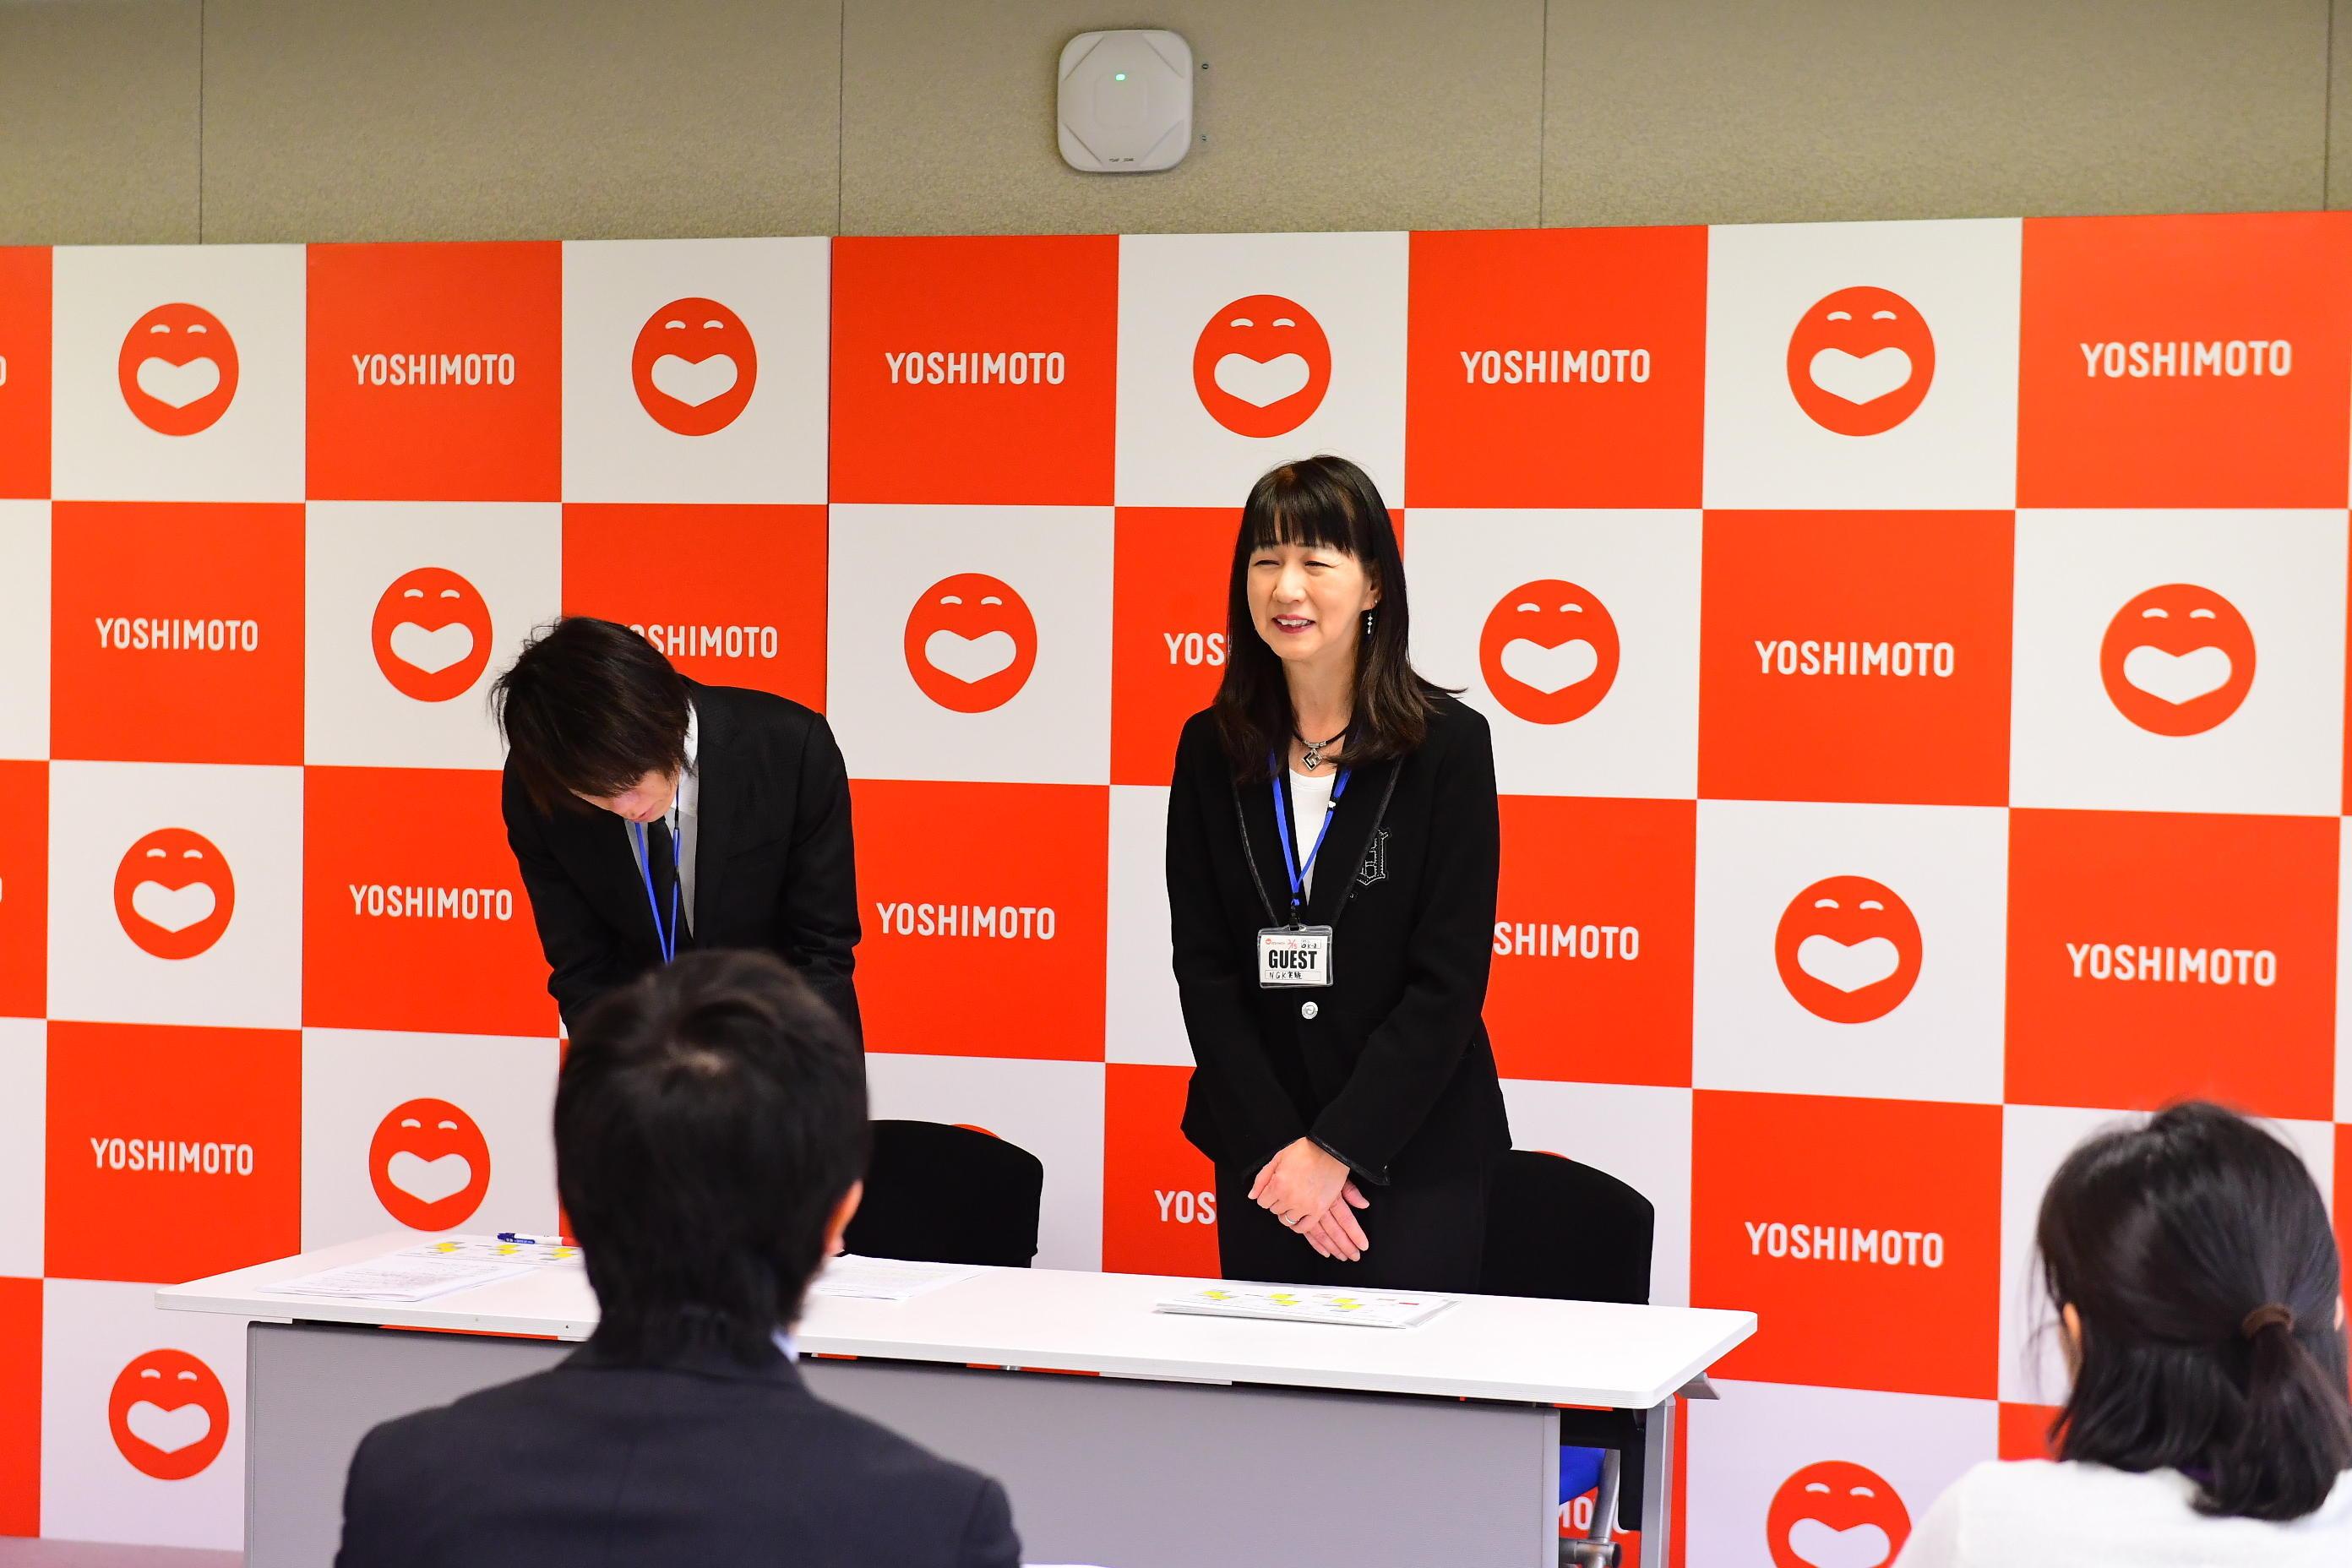 http://news.yoshimoto.co.jp/20170215201644-63c2fe7ed5e9f2435ff02c155681d20021fe09d3.jpg